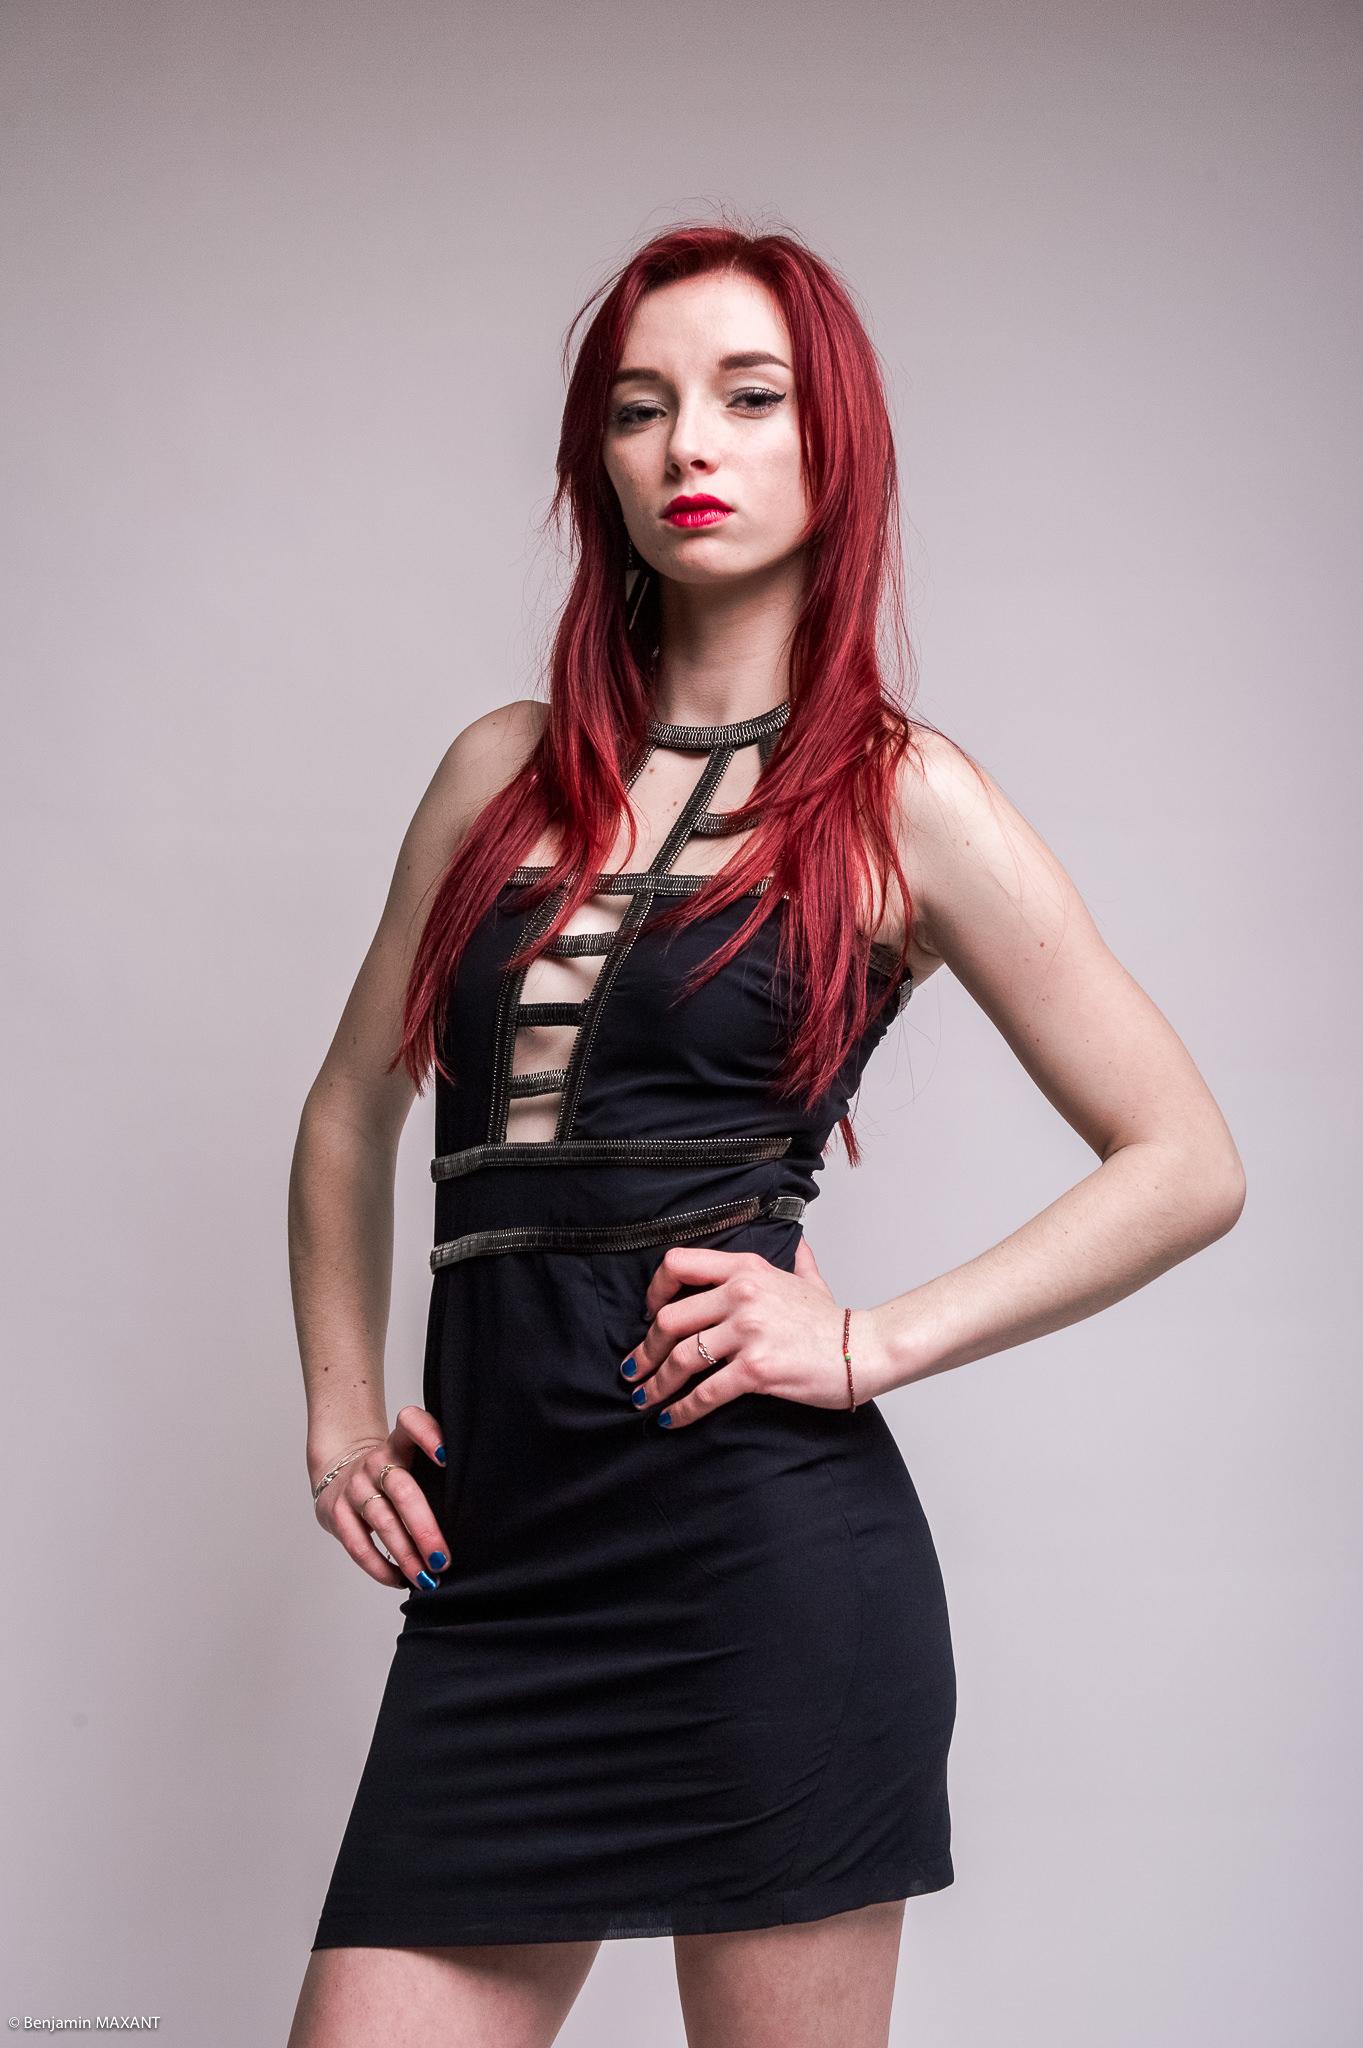 Séance photo modèle Julia studio à Nice robe noire ouverte